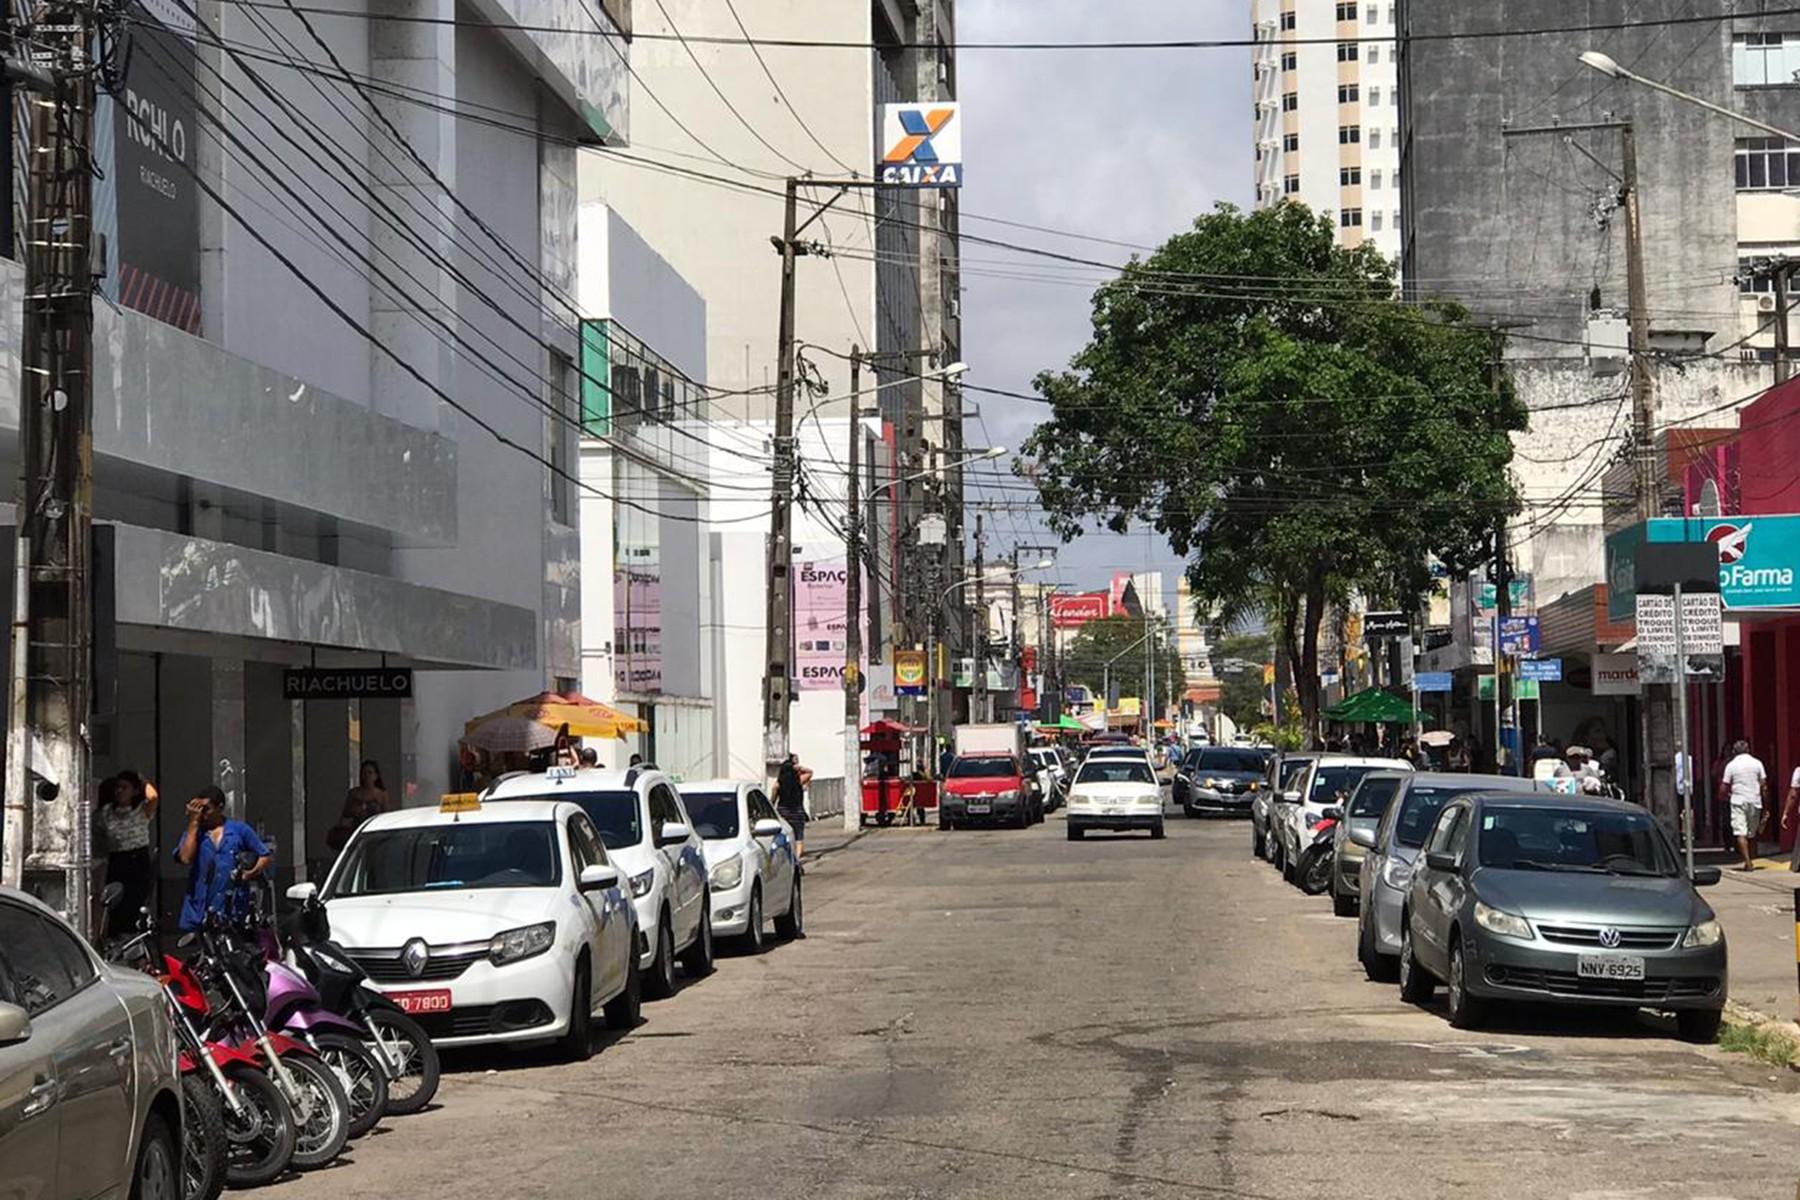 Trecho da Rua João Pessoa é interditado até 7 de janeiro para o 'Natal em Natal' - Notícias - Plantão Diário